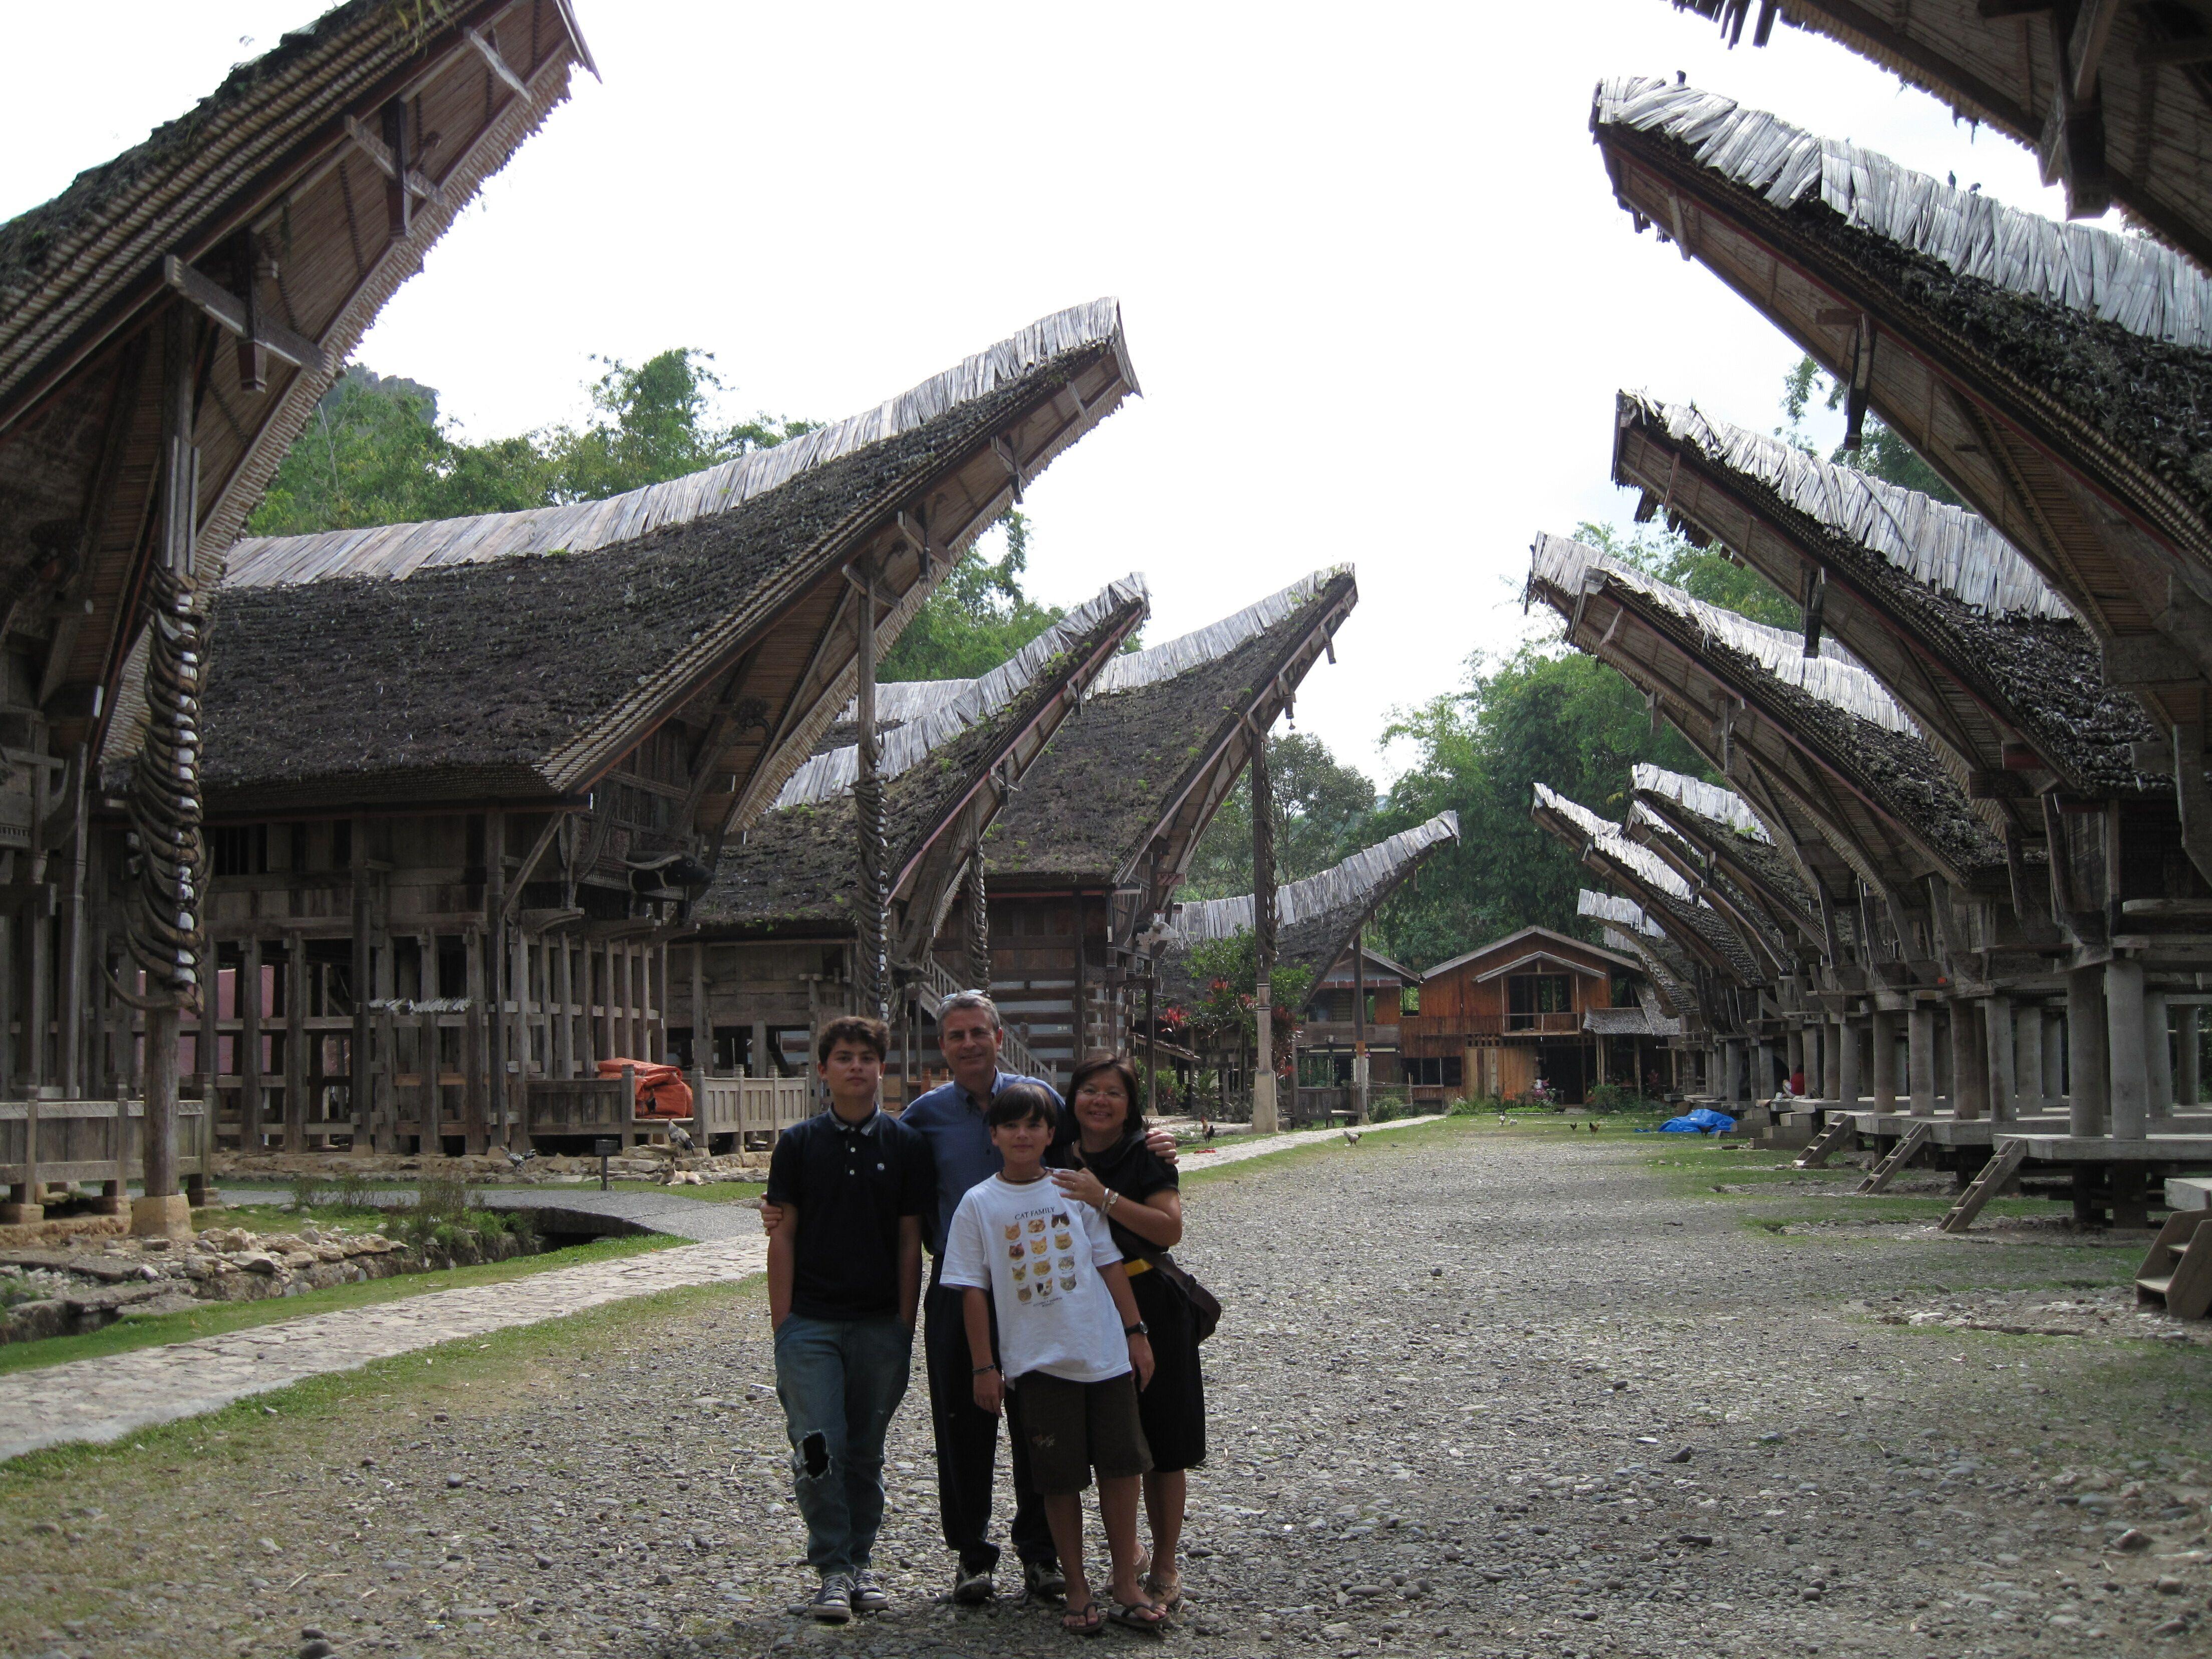 Orangutan Bukit Lawang